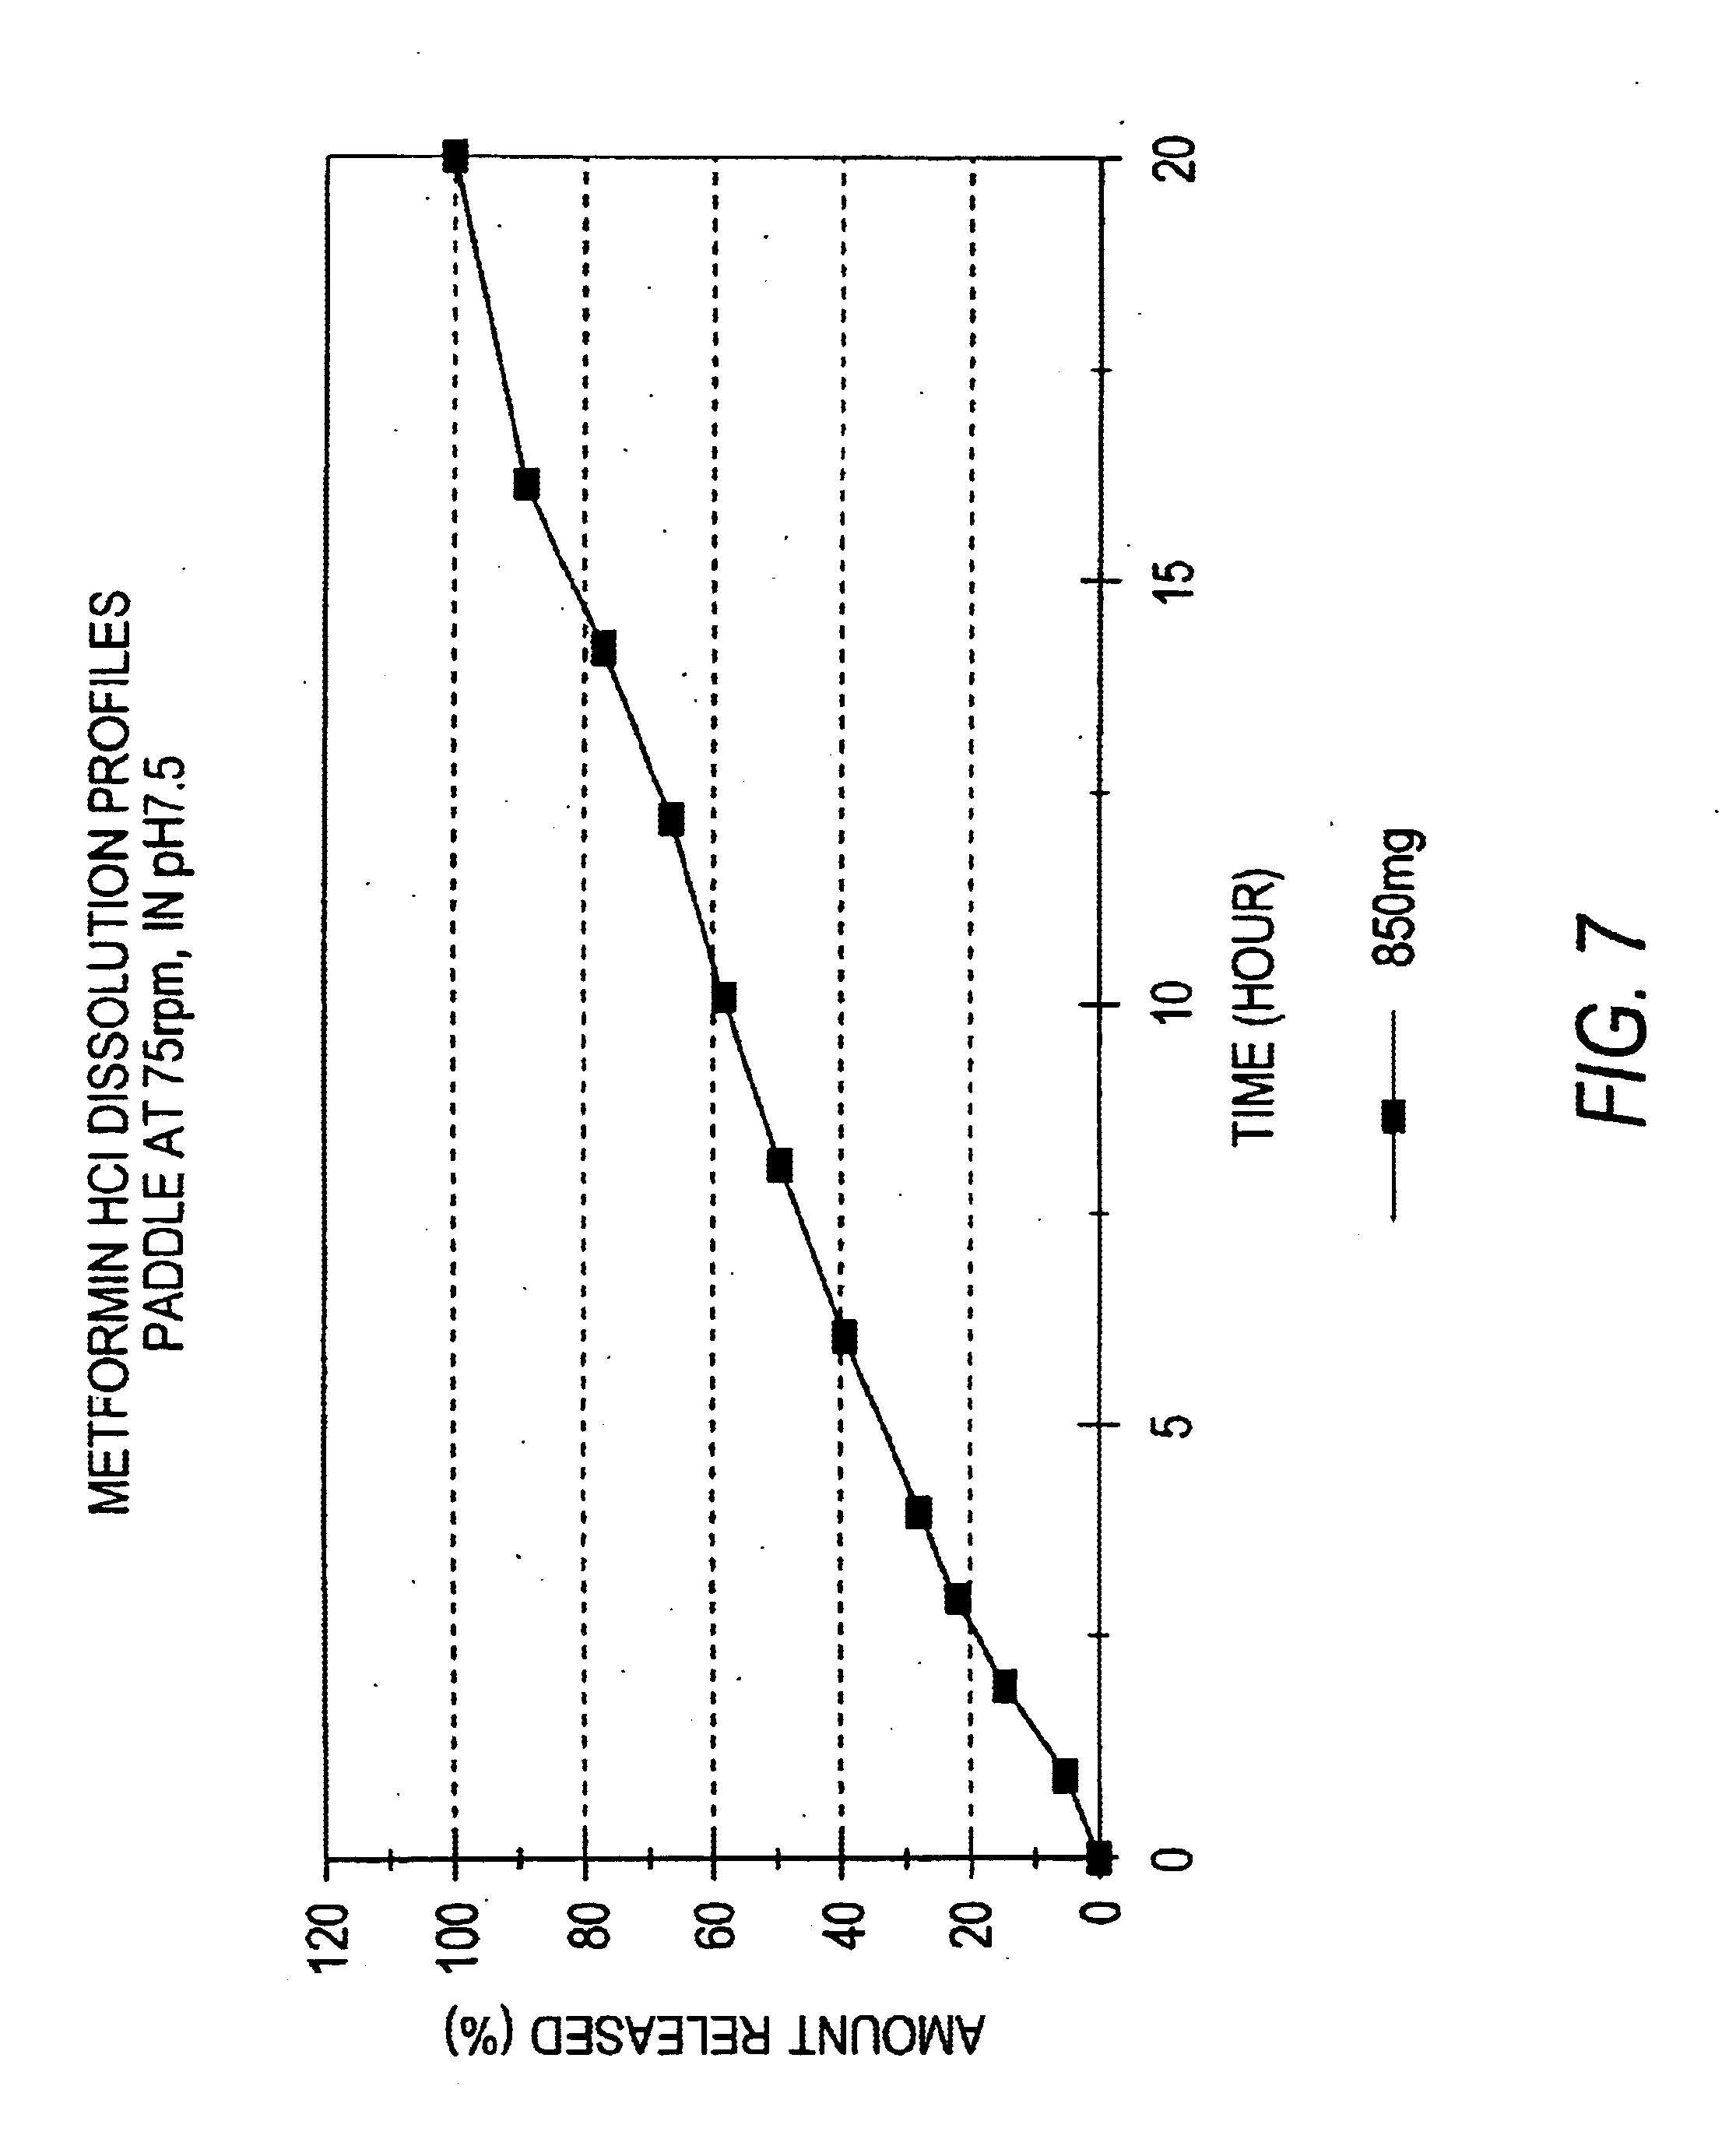 Metformin Dosage Forms